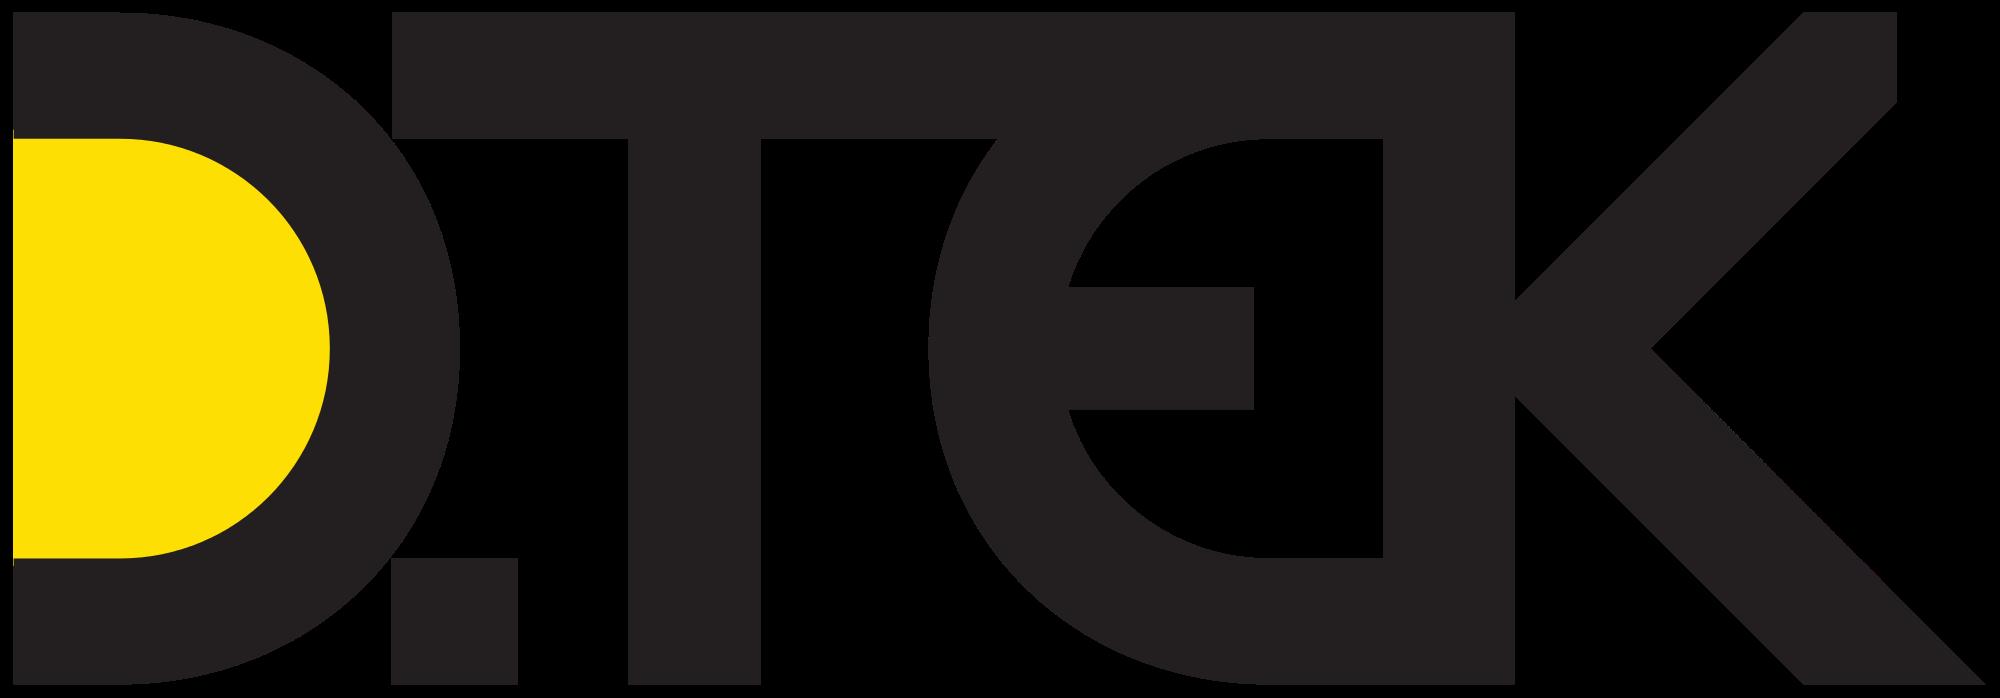 Dtek-logo